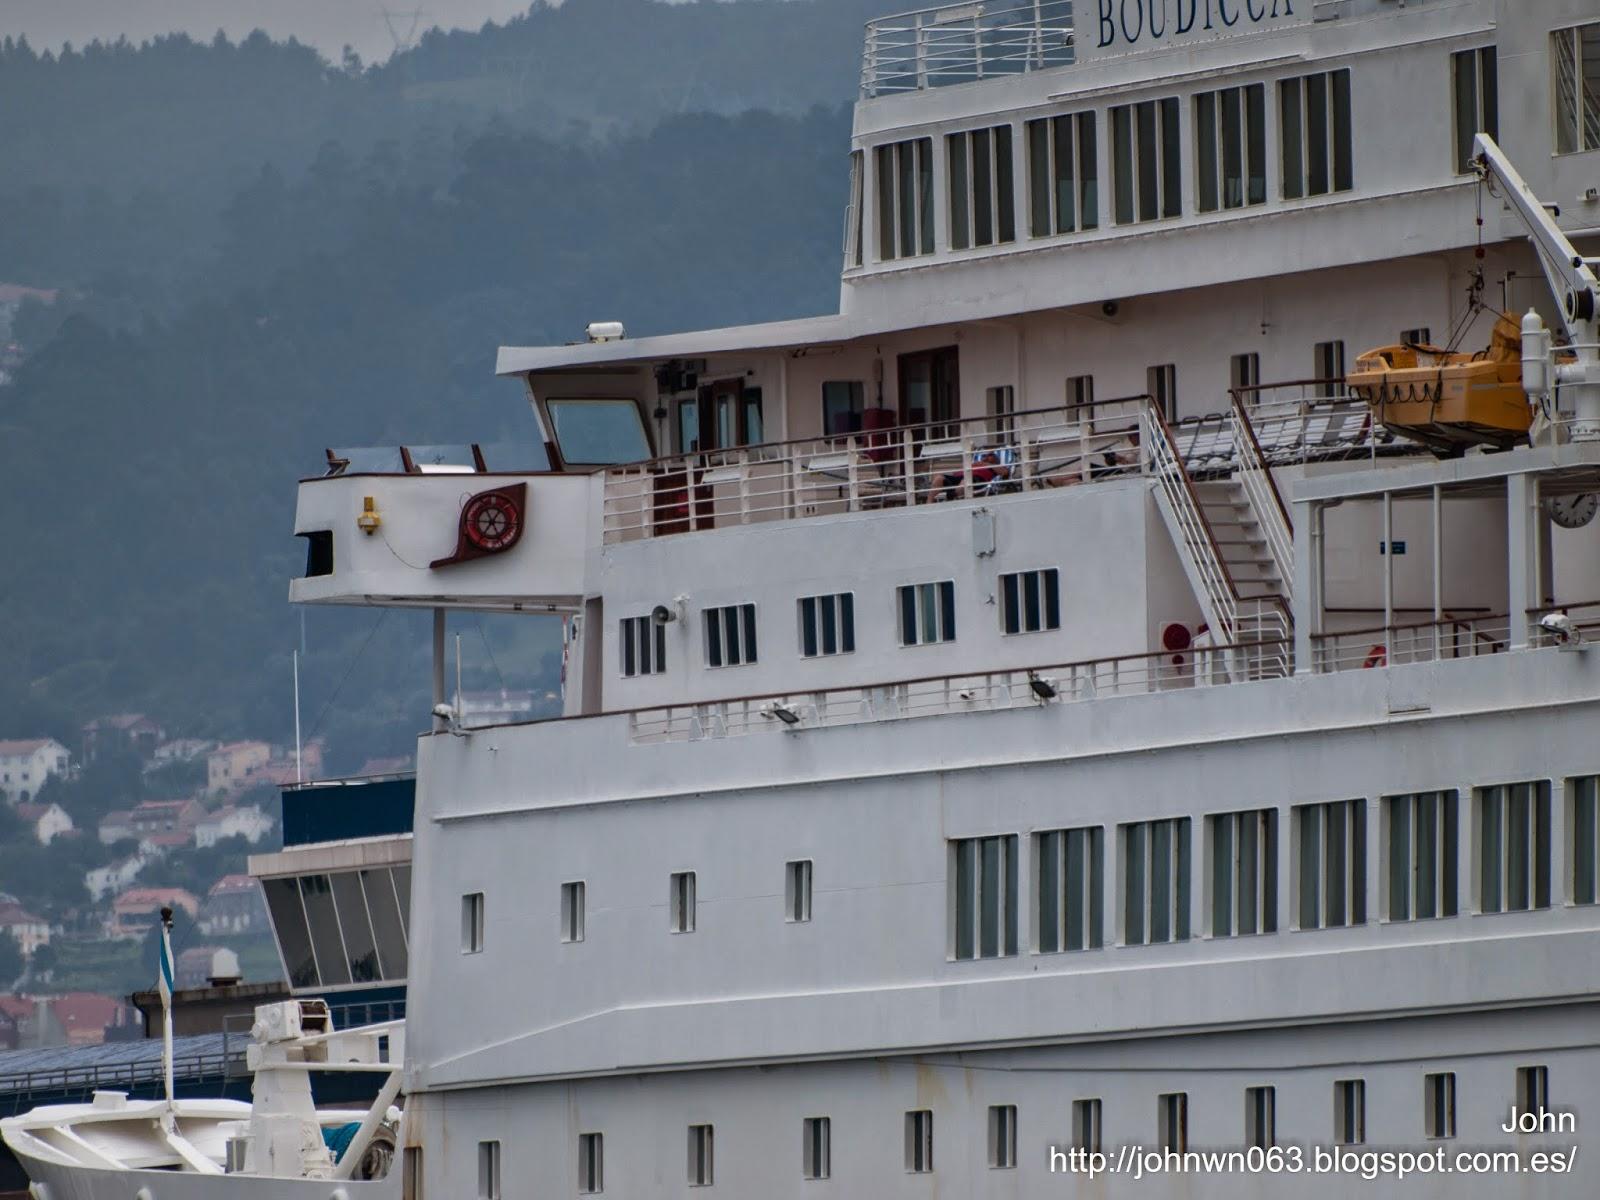 boudicca, fotos de barcos, imagenes de barcos, cruceros, Fred Olsen, Vigo